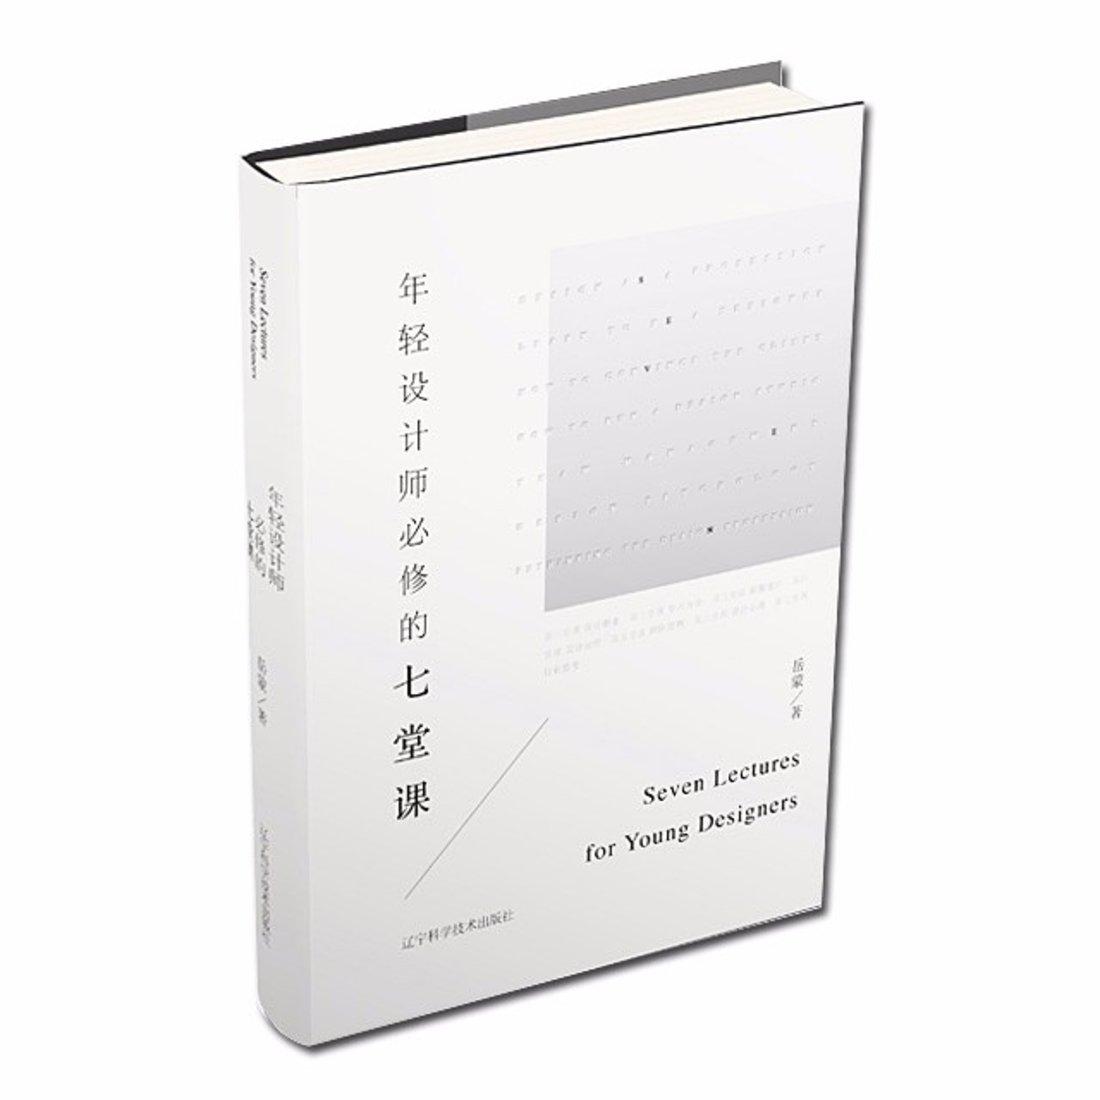 《年轻设计师必修的七堂课》